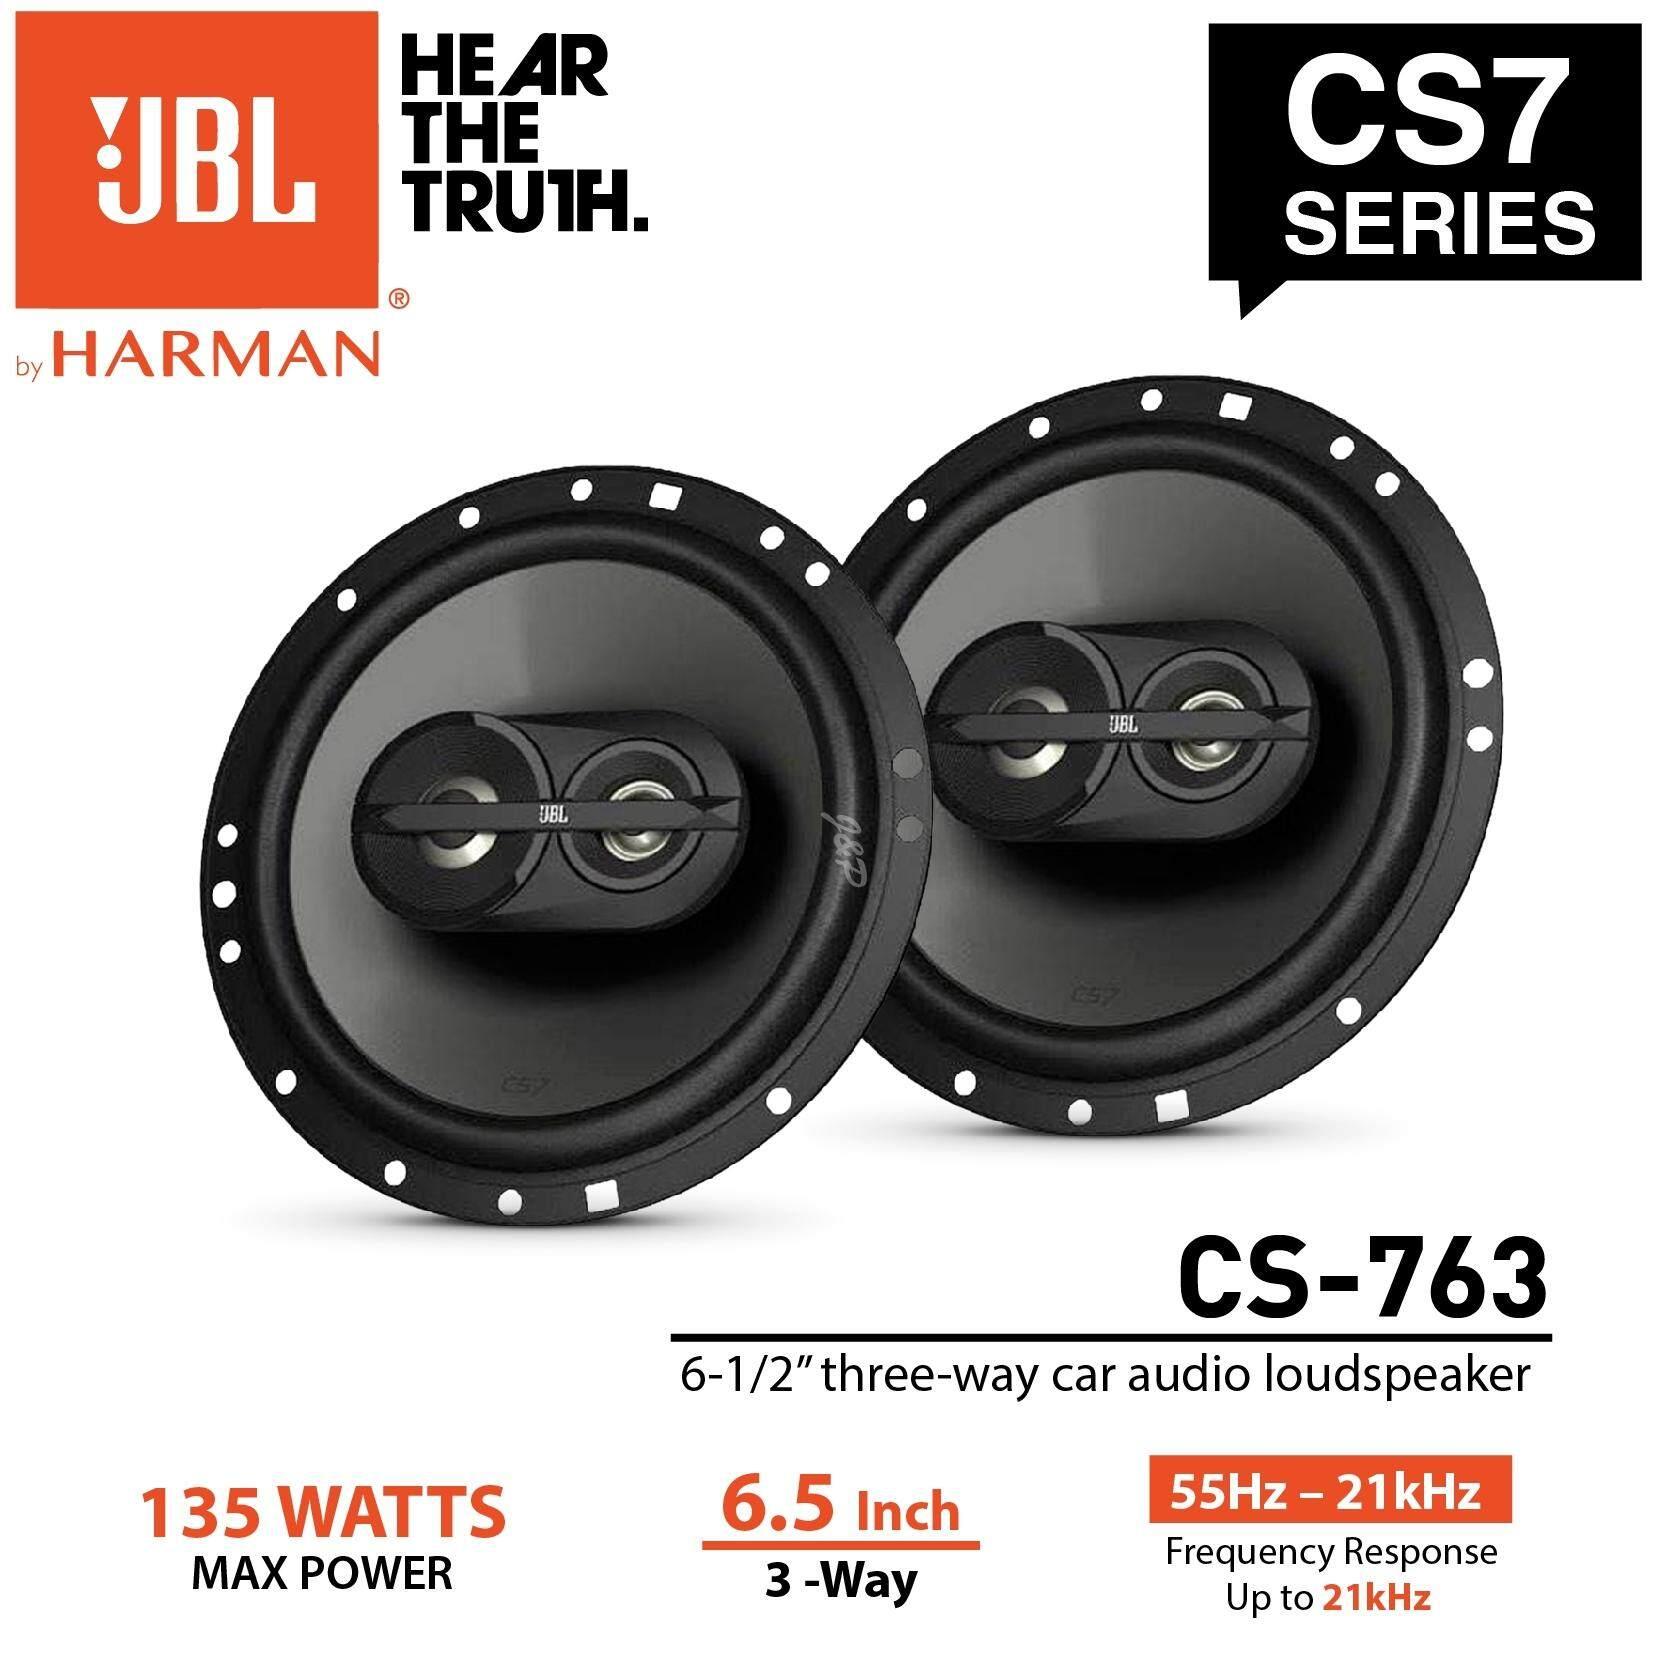 สุดยอดสินค้า!! JBL CS7 SERIES CS-763 ลำโพงแกนร่วมติดรถยนต์